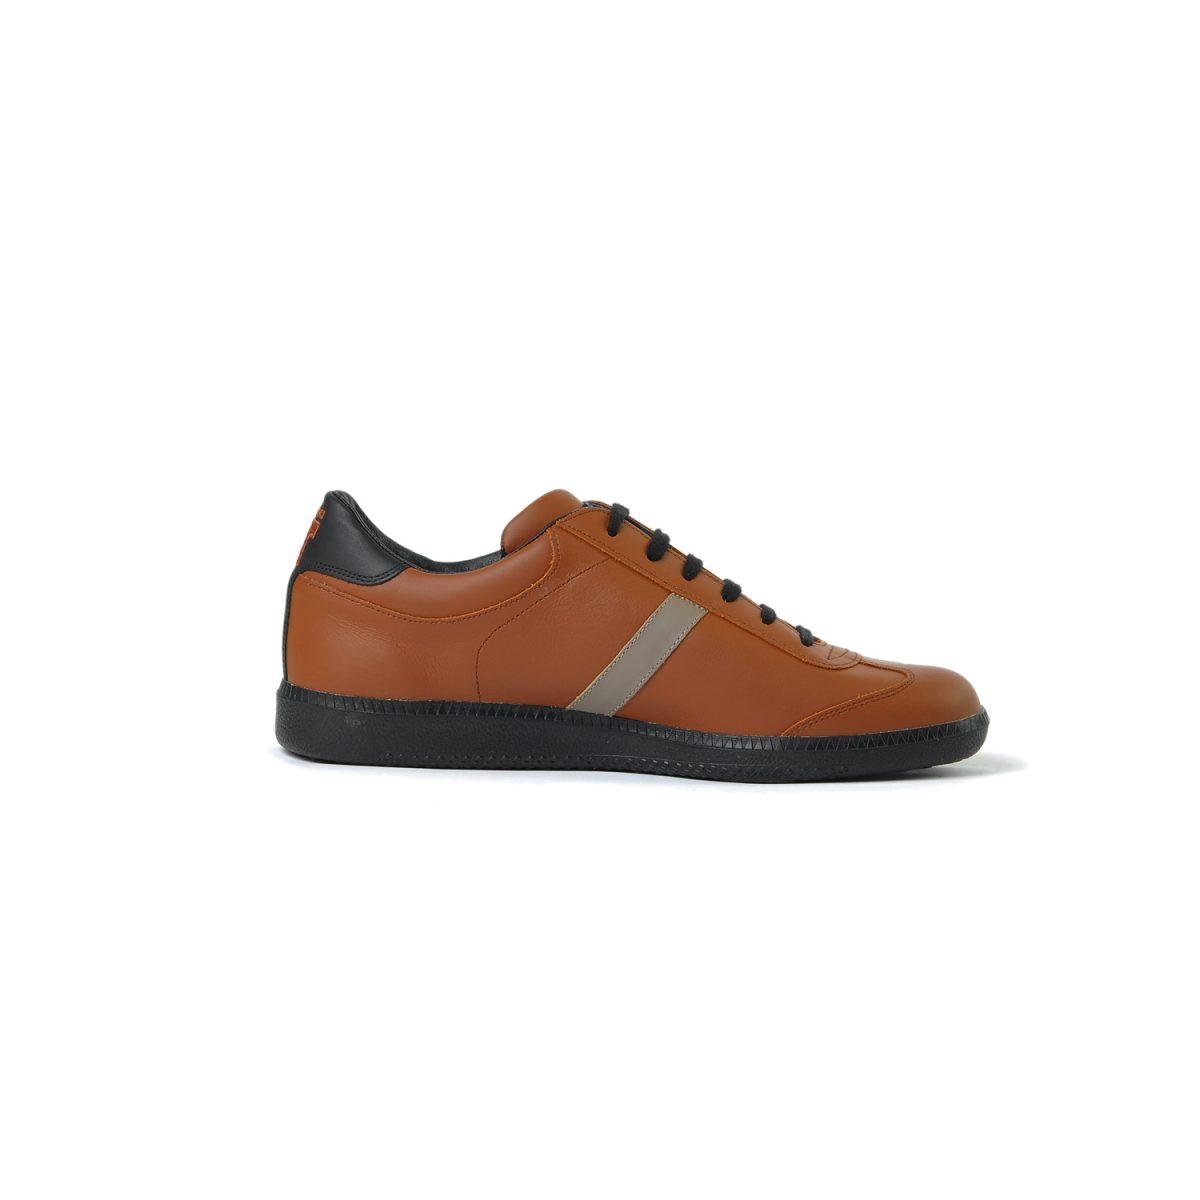 Tisza cipő - Compakt - Mahagóni-fekete-szürke-föld